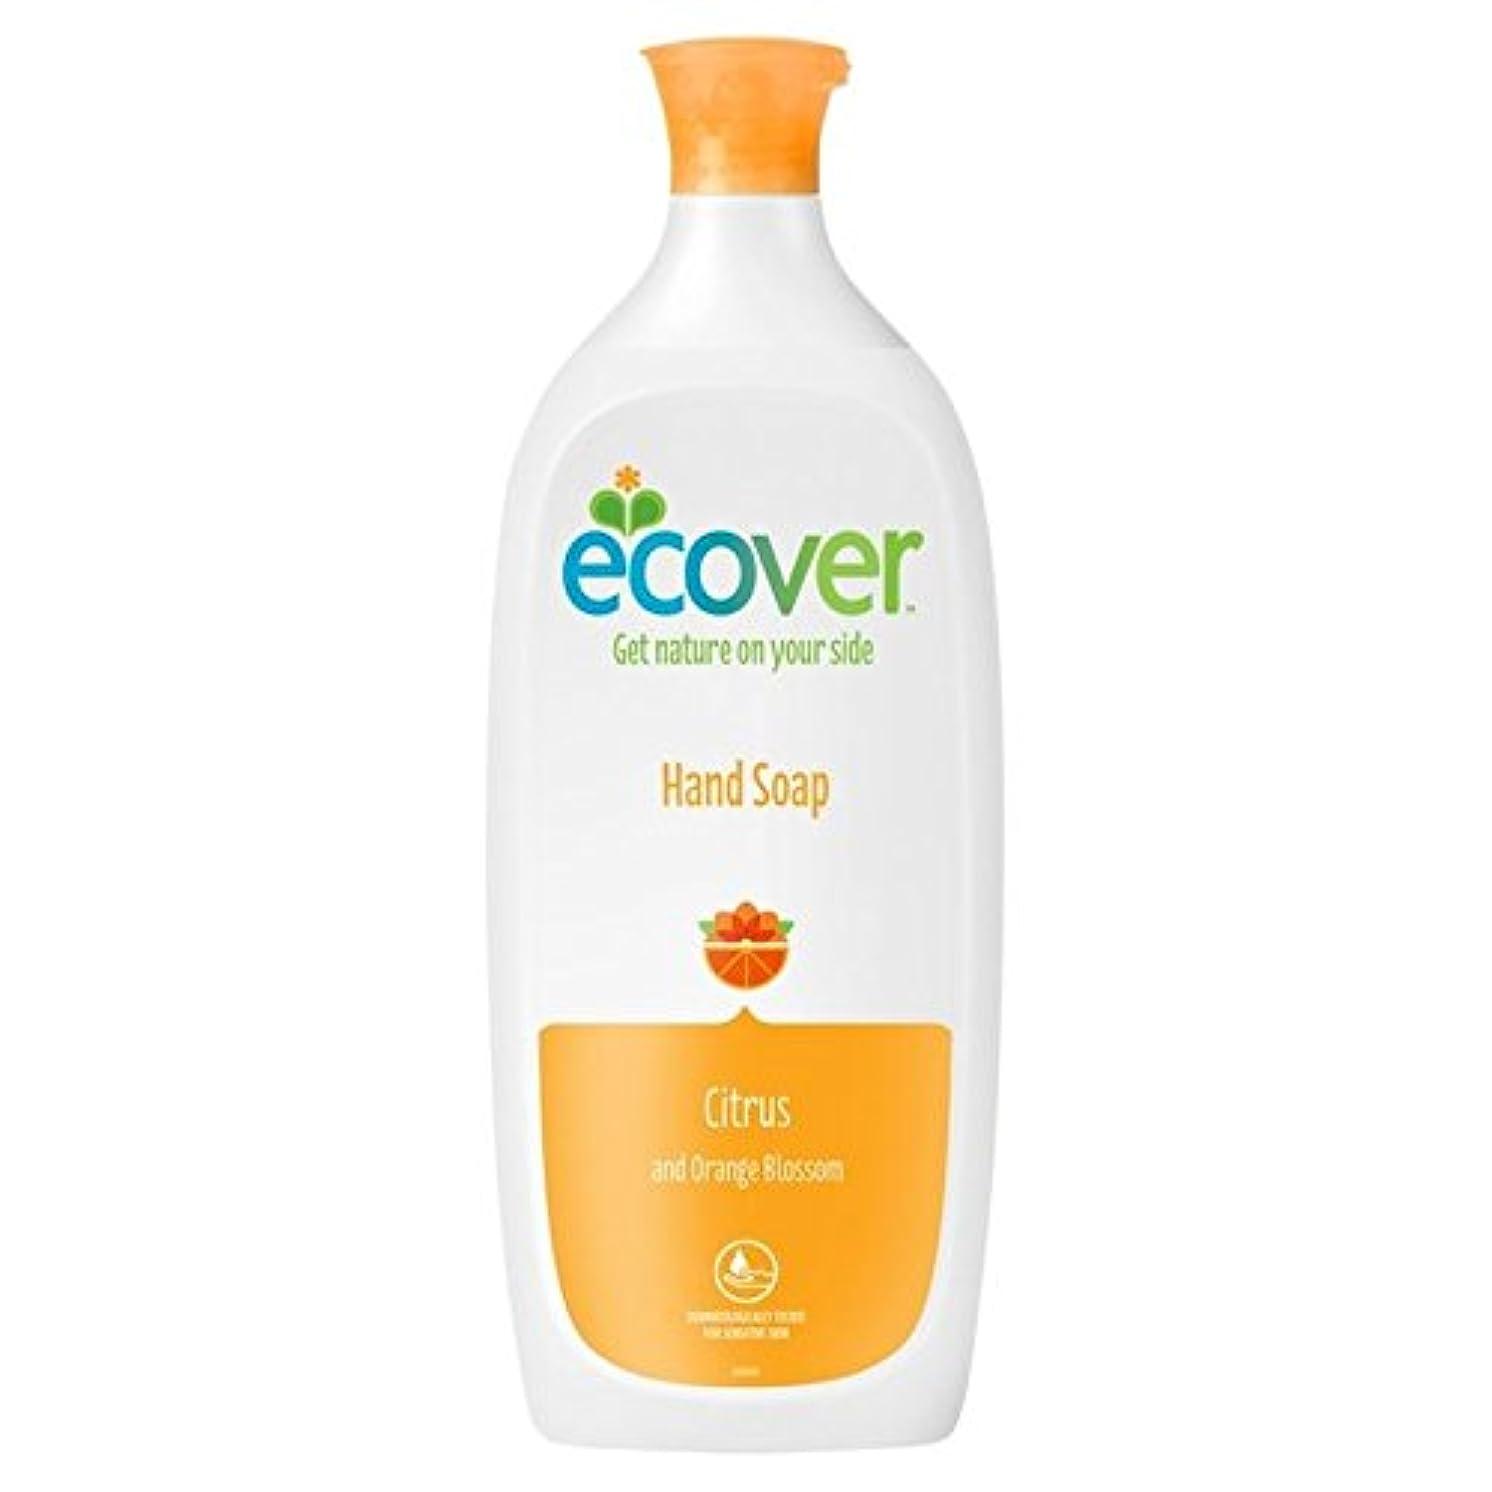 冒険者過剰安定しましたエコベール液体石鹸シトラス&オレンジの花のリフィル1リットル x2 - Ecover Liquid Soap Citrus & Orange Blossom Refill 1L (Pack of 2) [並行輸入品]